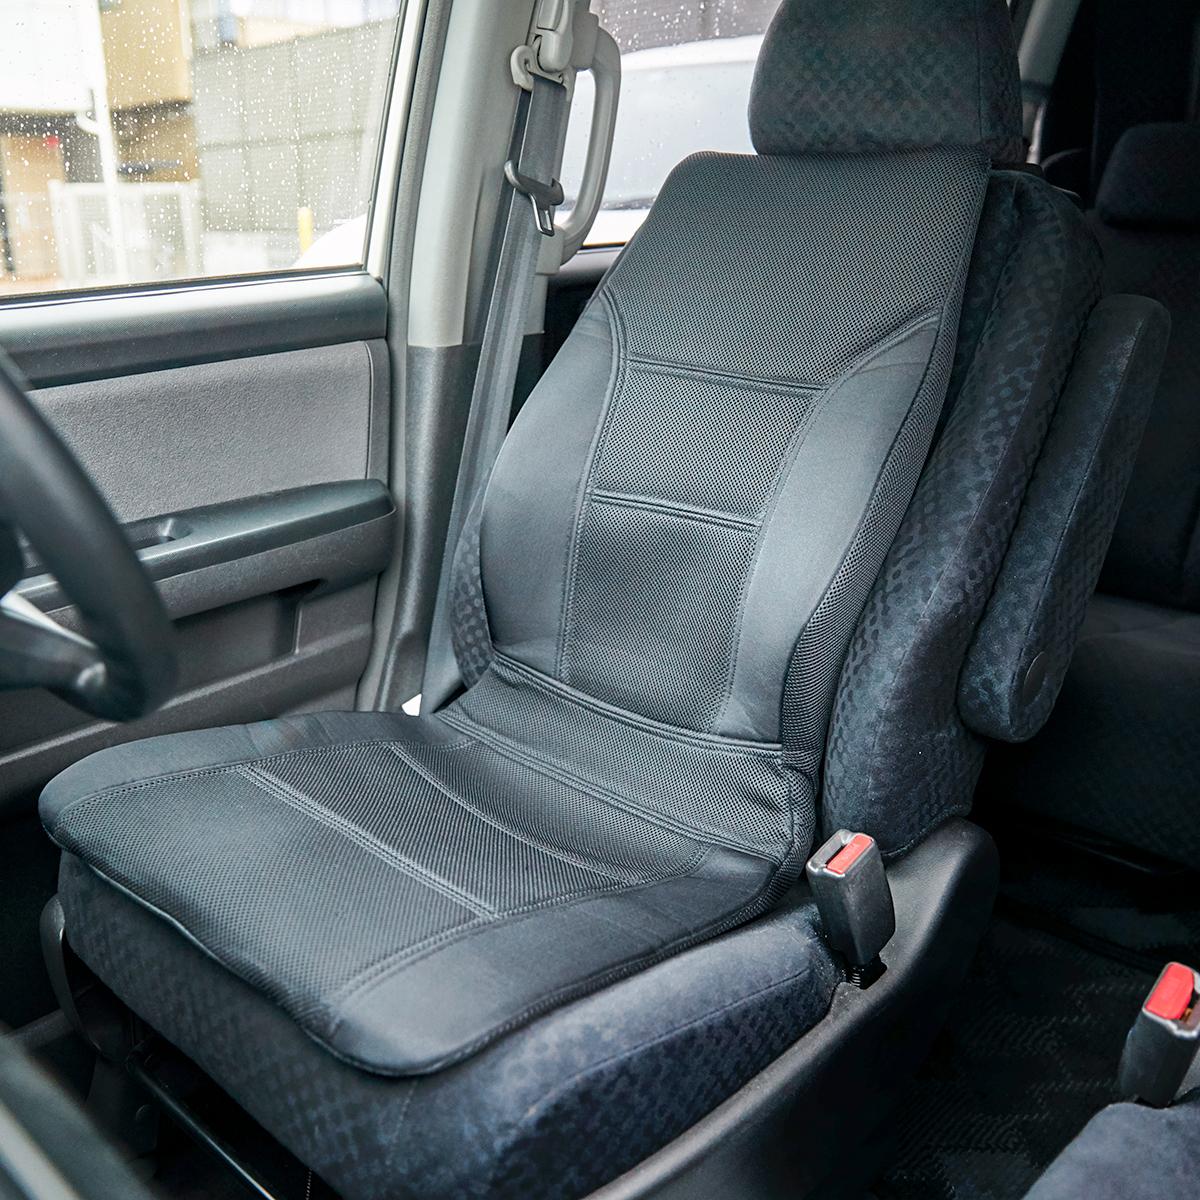 ドライブはもっと快適に!置くだけで、運転中ずっと、腰・背中・お尻がラクな車用シートクッション|P!nto Driver